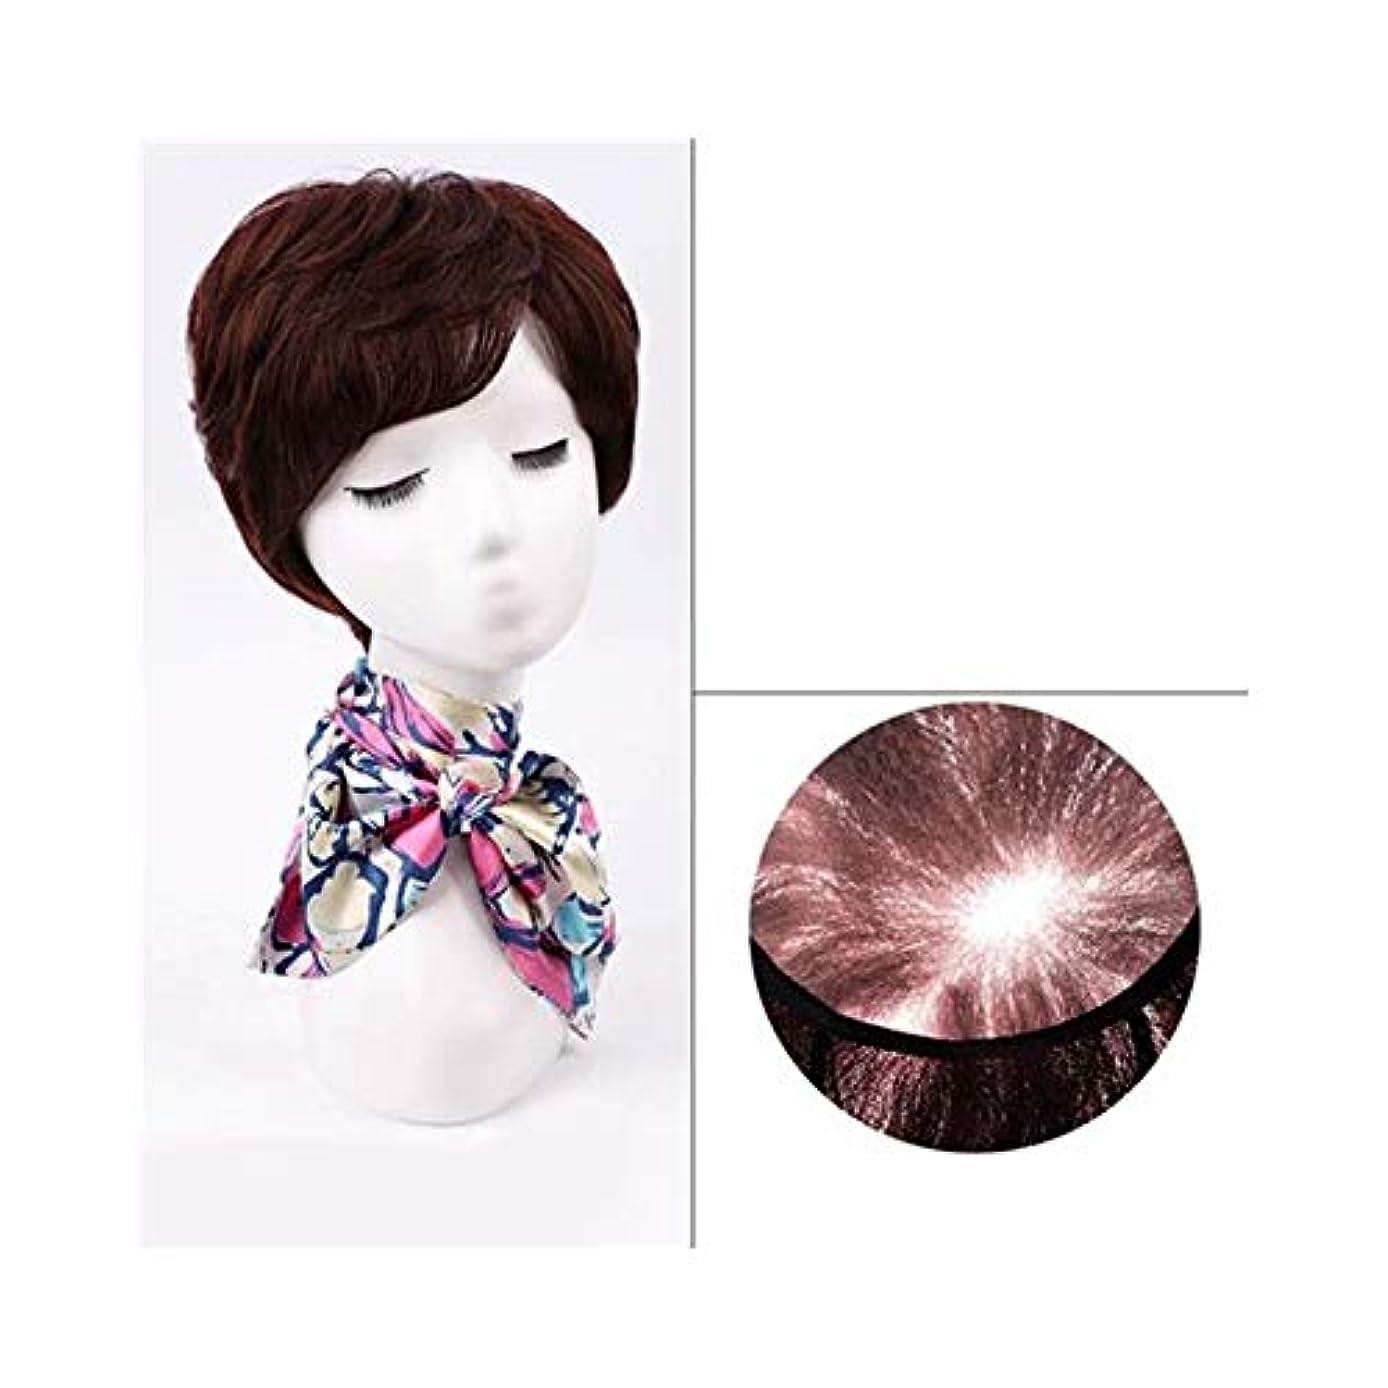 雷雨やさしいポーターYOUQIU 女性のかつらのために前髪でナチュラルヘアエクステンションショートレアルヘアウィッグ (色 : Natural black)